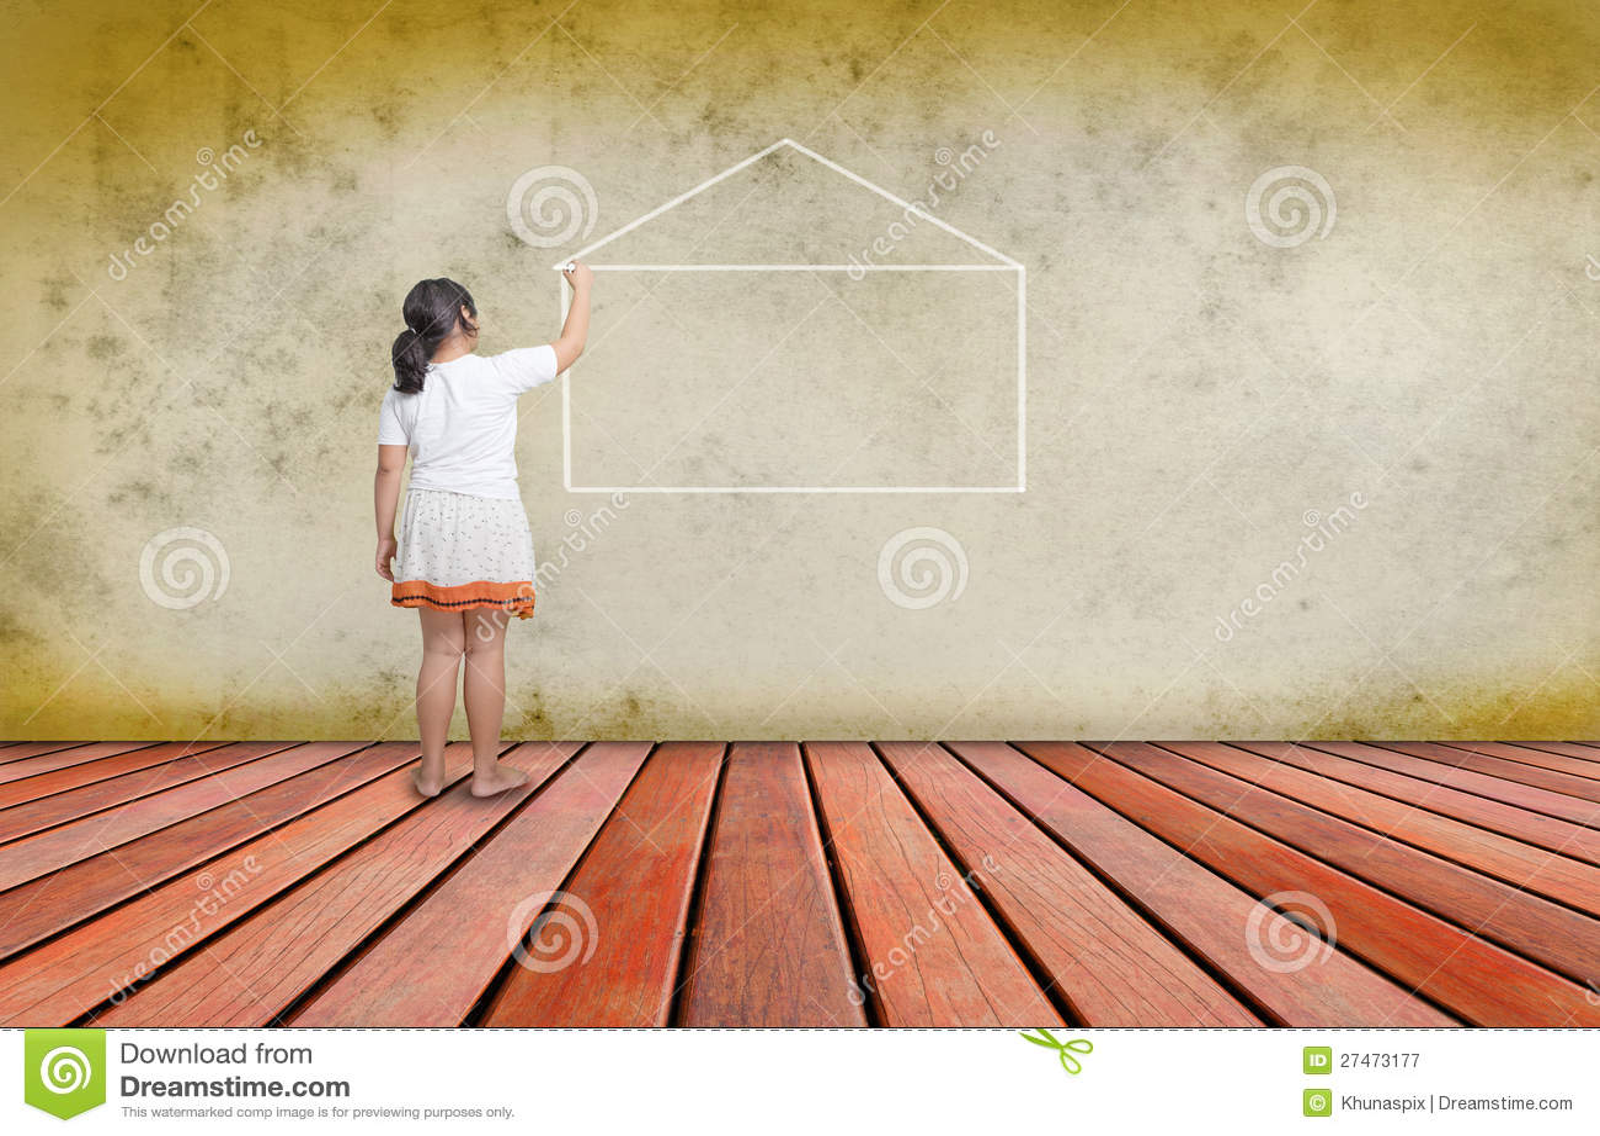 Ragazza che scrive riga di casa sul muro di cemento - Disegnare sul muro di casa ...